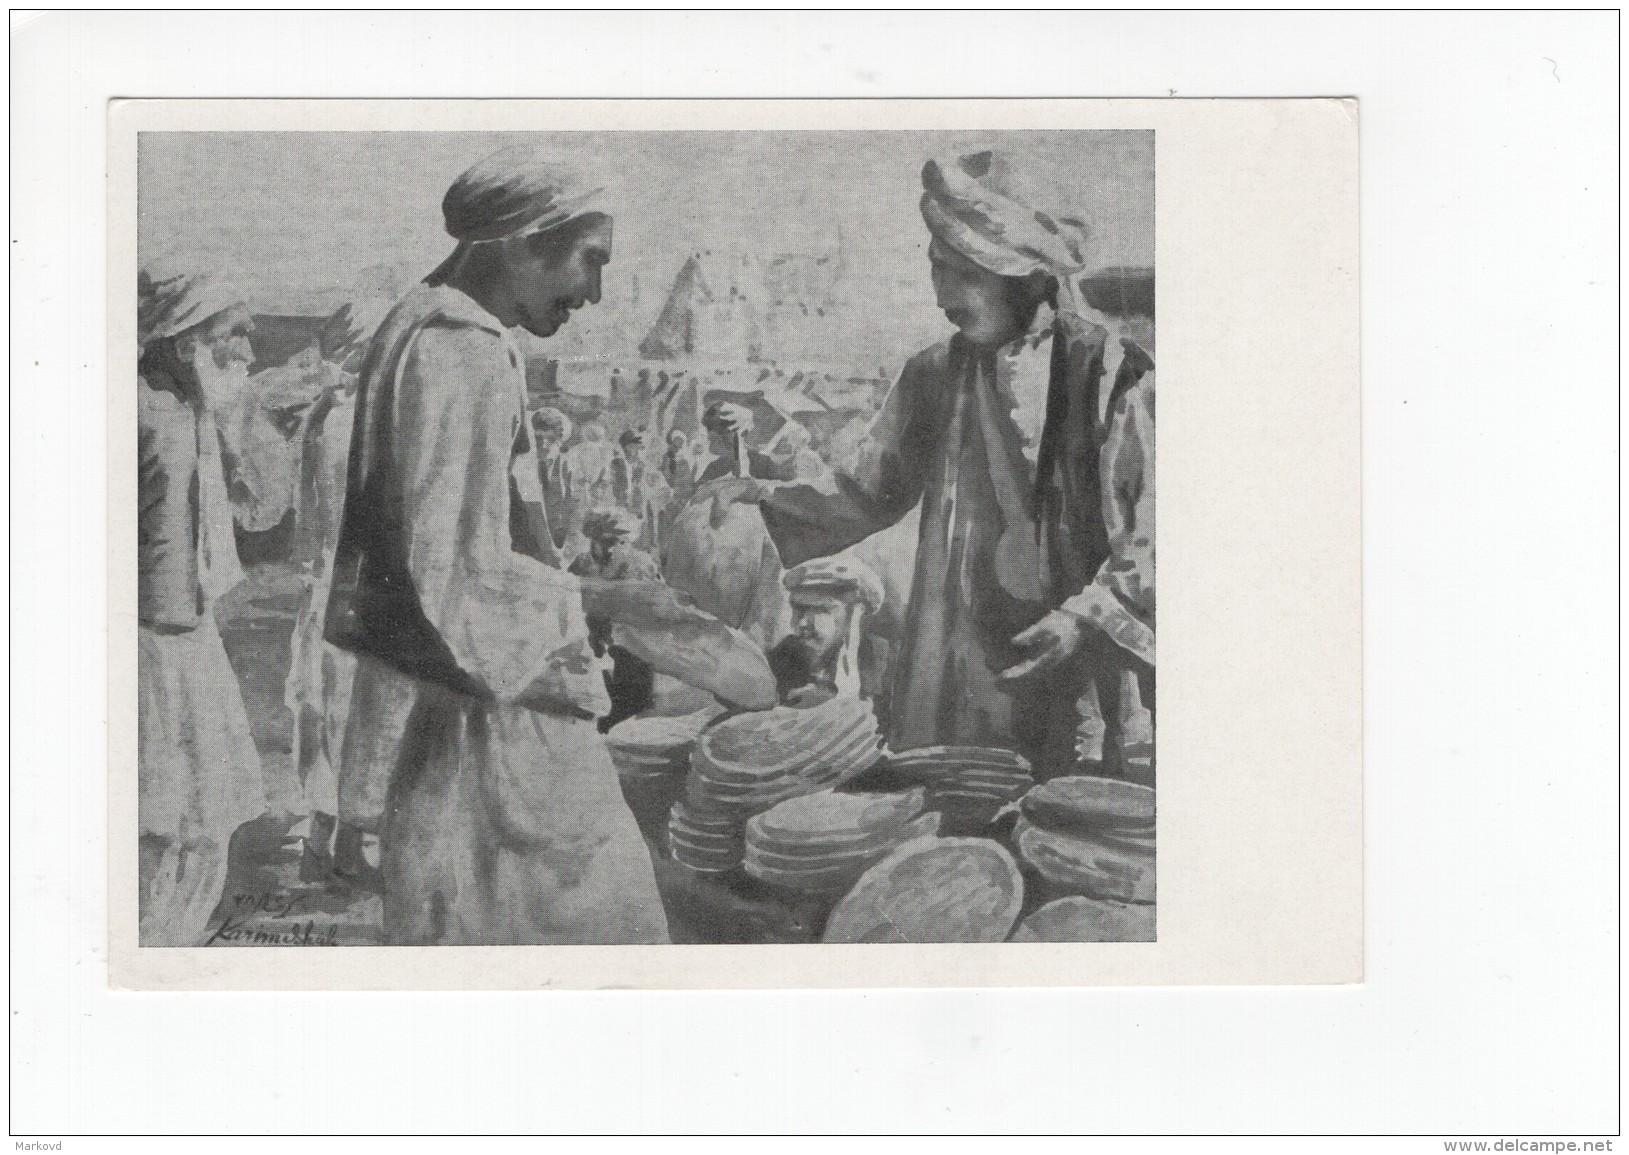 03288 Karim Shah The Seller Of Bread Afghanistan - Afghanistan